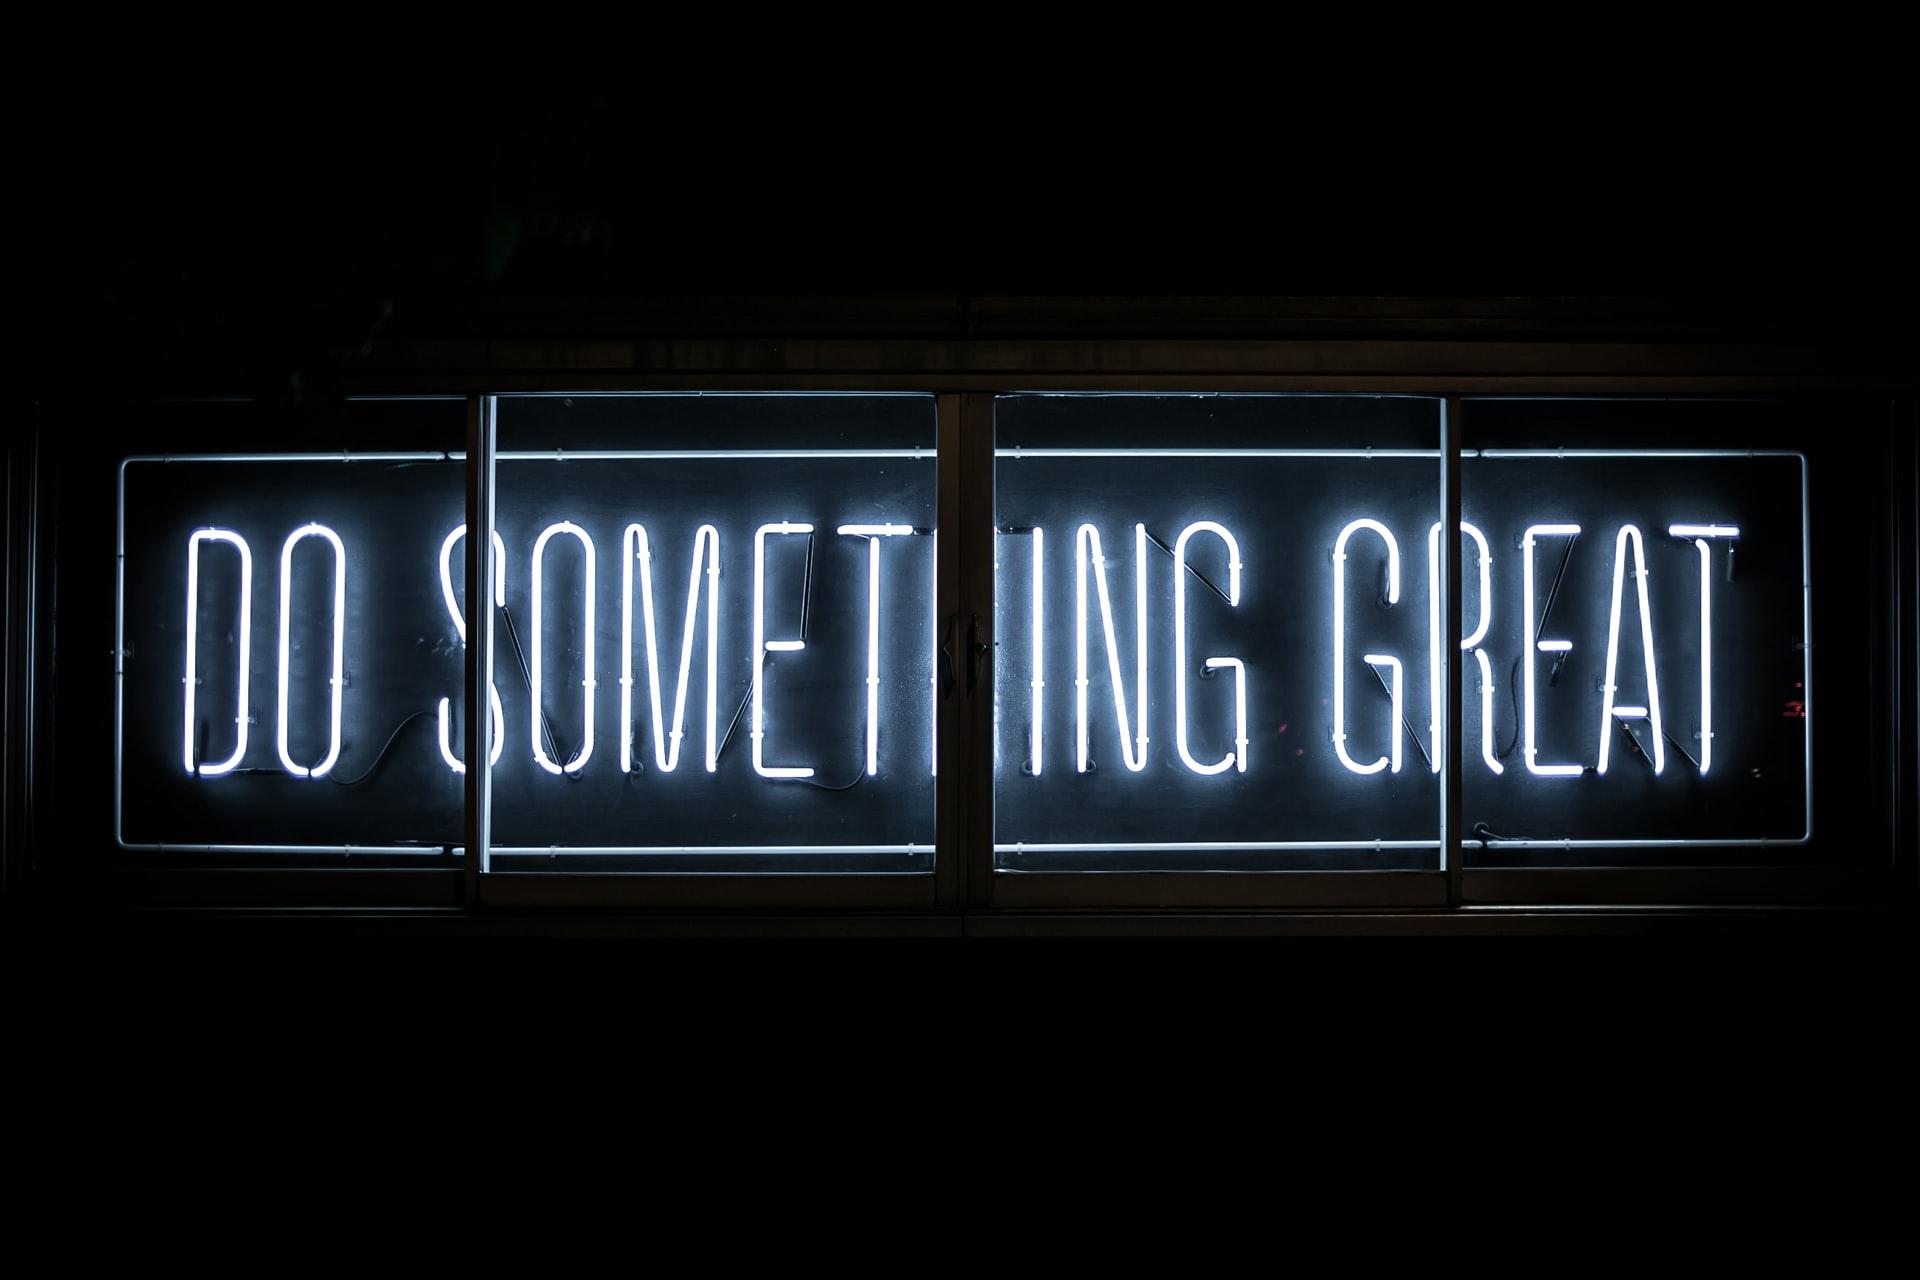 Neonschild mit Schriftzug Do Something Great hinter einem Fenster